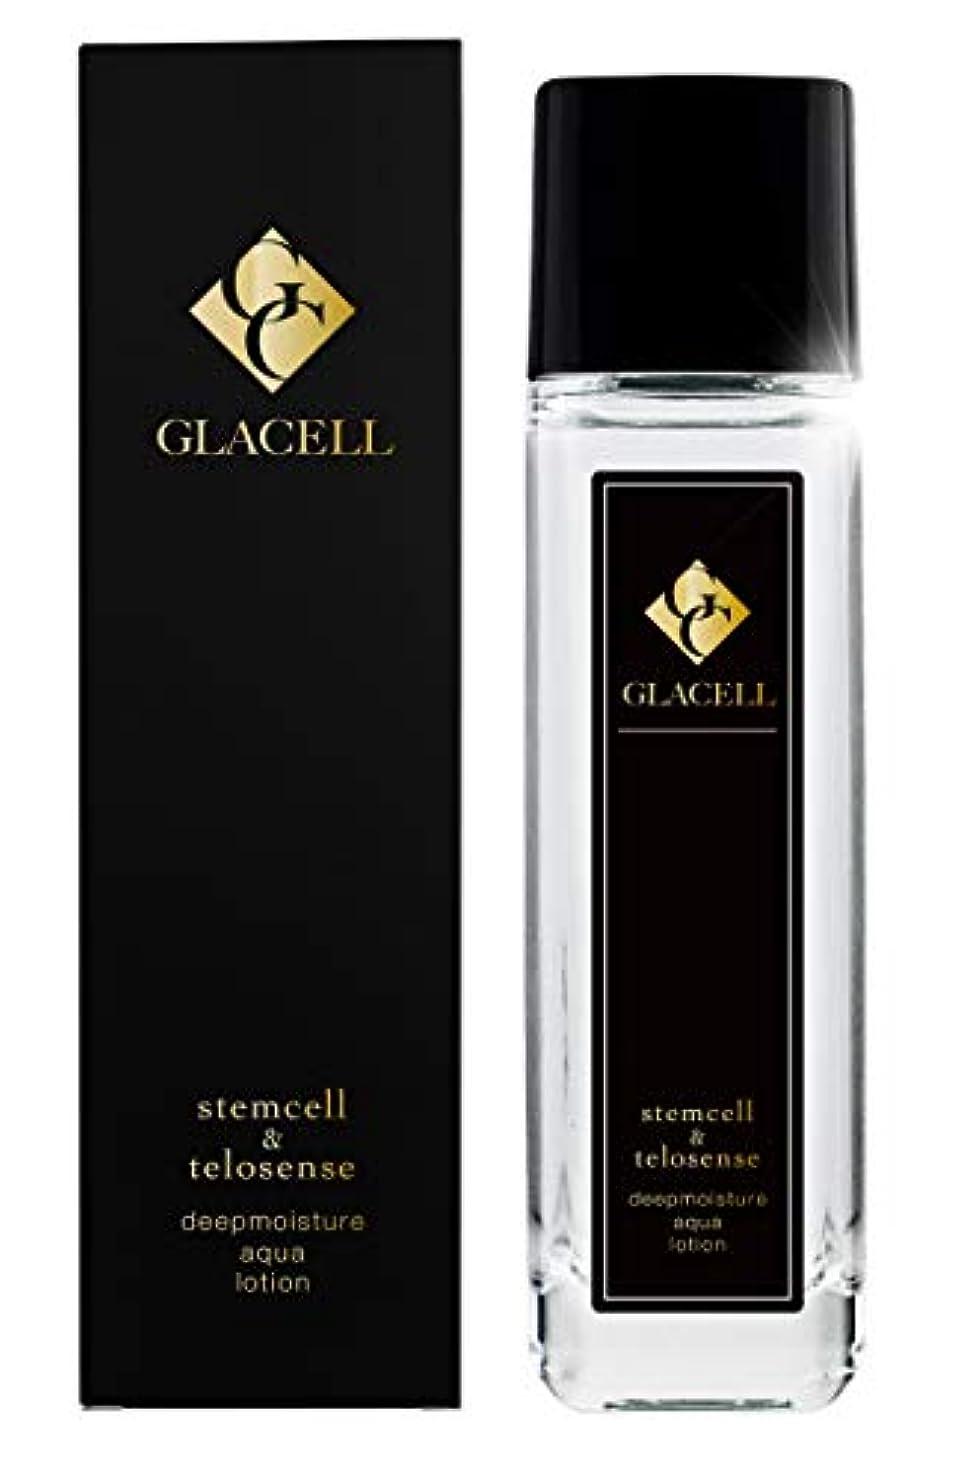 職人比率もう一度GLACELL グラセル ディープモイスチャーローション 【ノーベル生理学医学賞】受賞 高保湿成分 「アクアキシル配合」高級化粧水